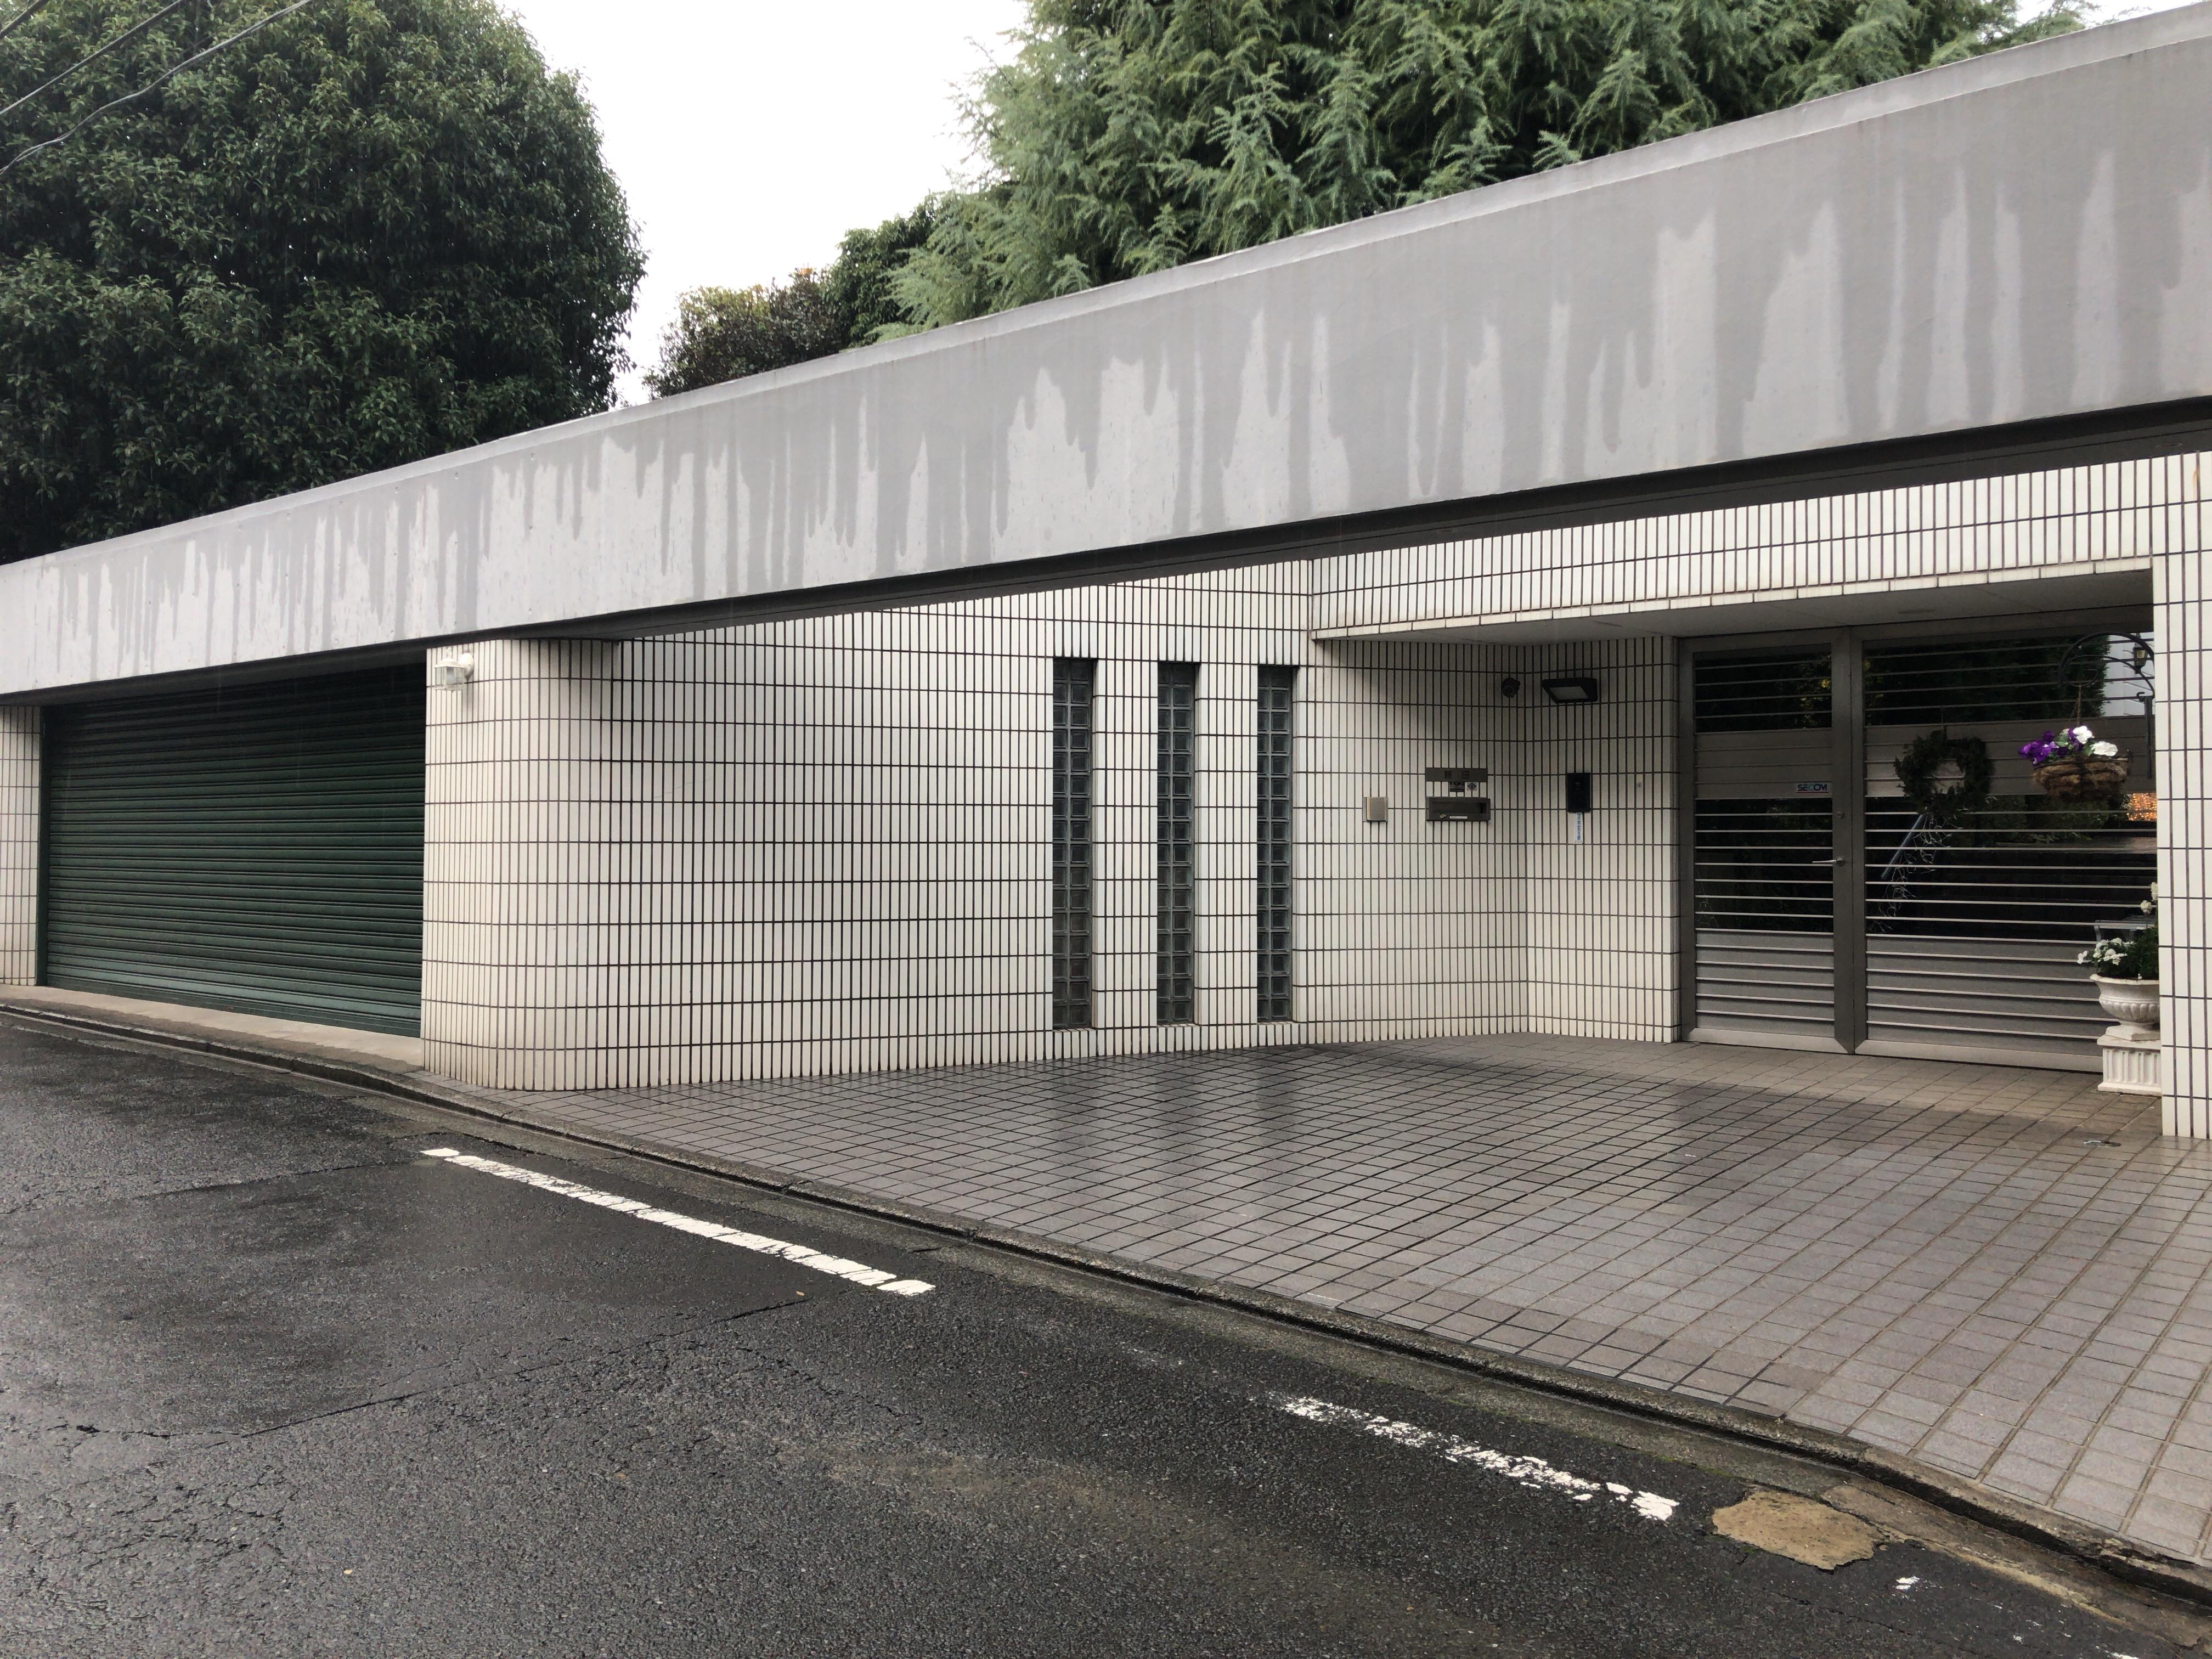 戸建て住宅における駐車場についての検討